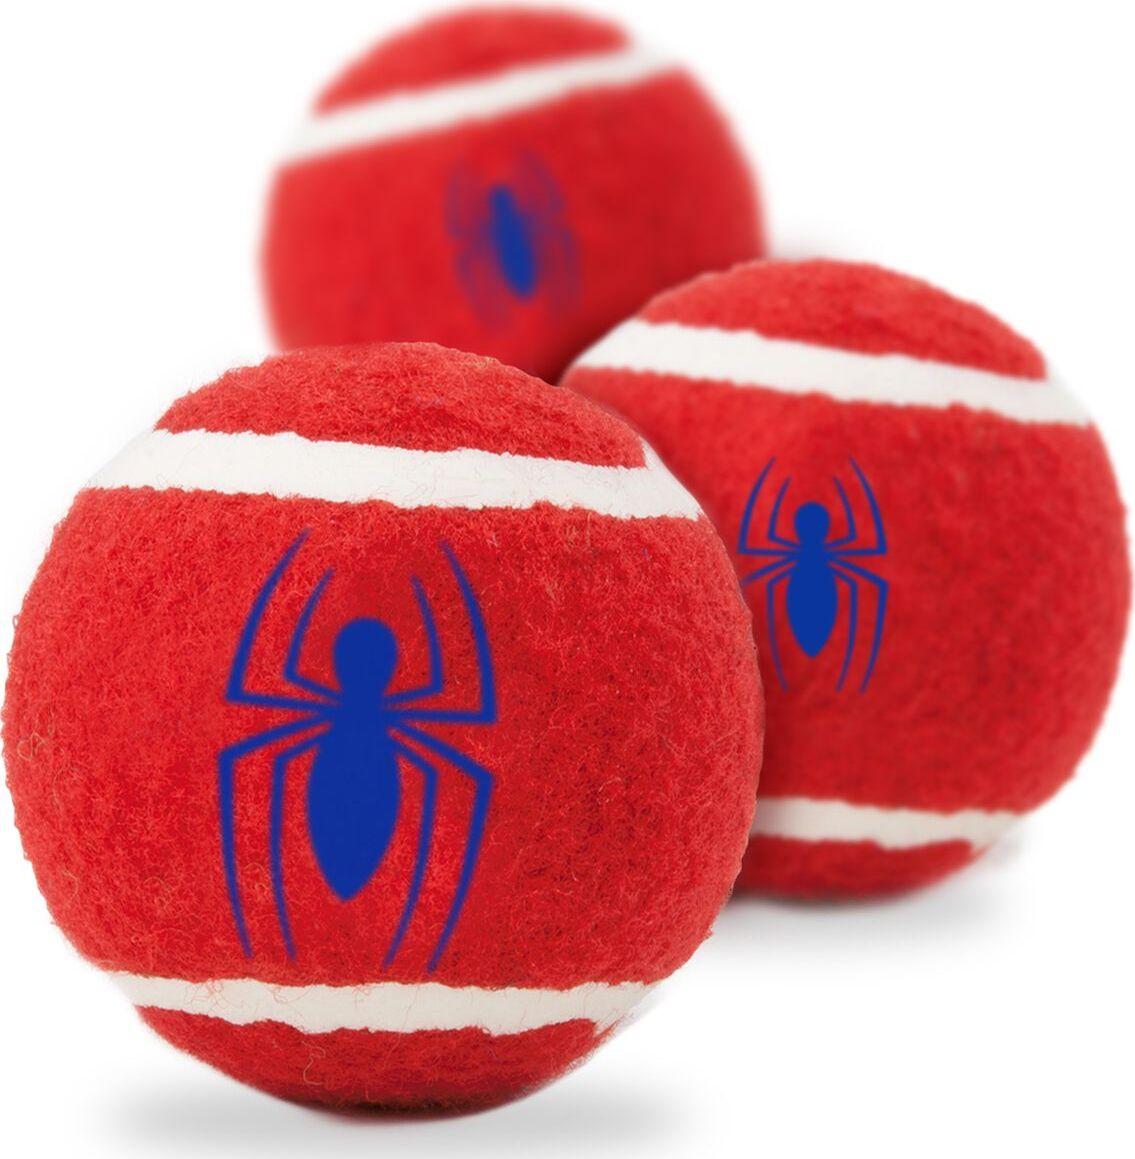 Апорт для собак Buckle-Down Теннисный мяч Человек-паук, красный, 7 см, 3 шт фото